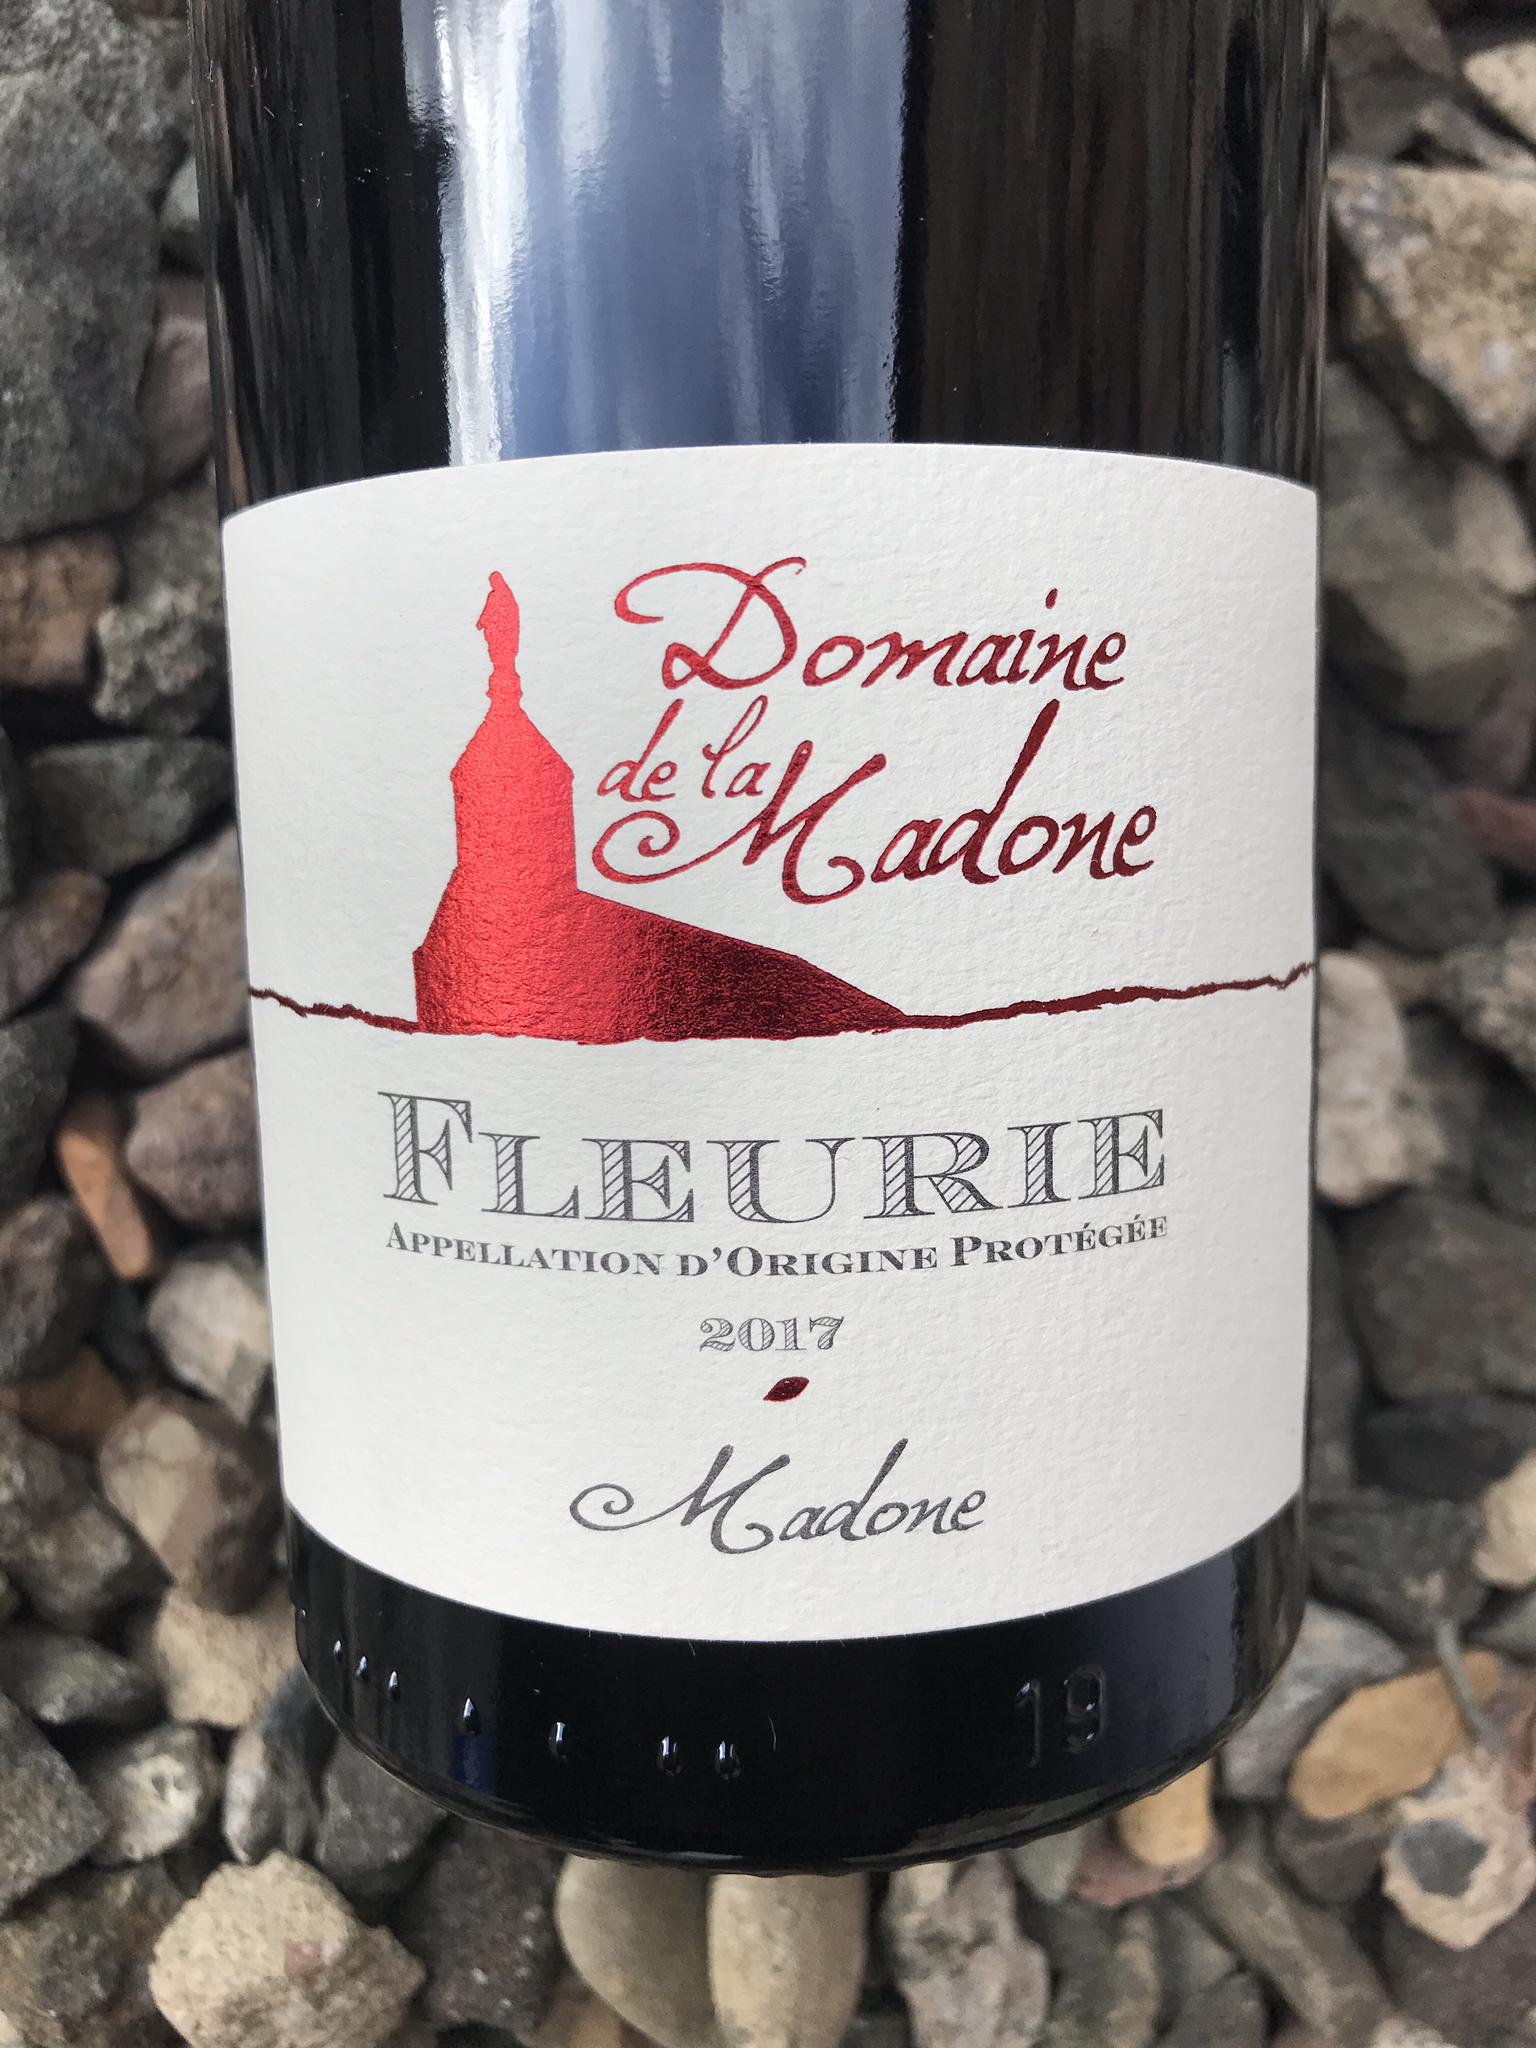 Fleurie Domaine de la Madone 2016 00035